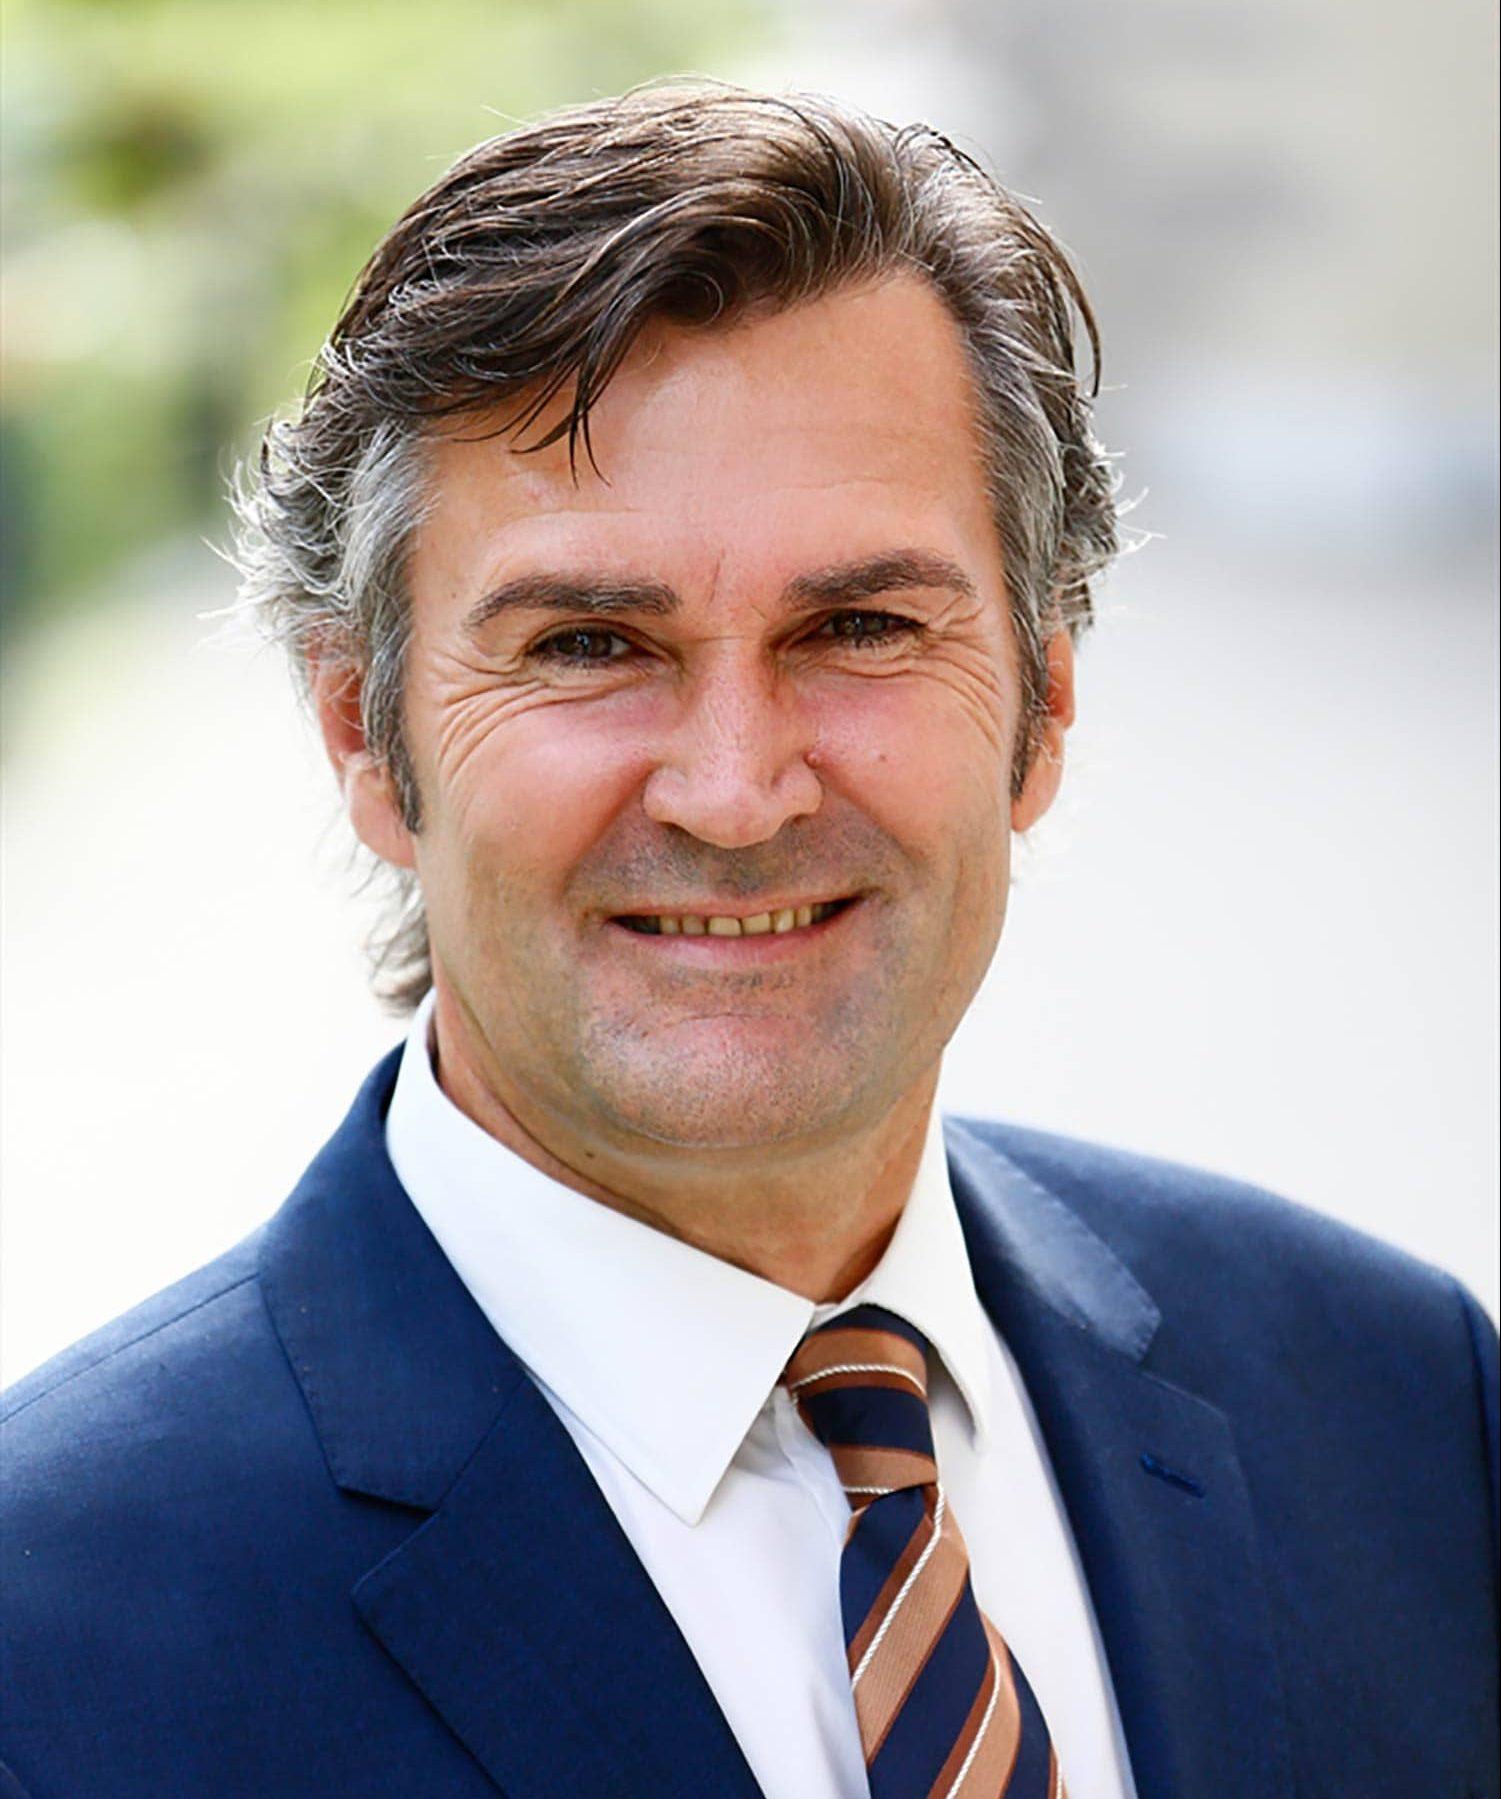 Der seit 2014 amtierende Obertraublinger Bürgermeister Rudolf Graß (Freie Wähler) wurde mit 53,52 Prozent wiedergewählt. Er trat gegen zwei Gegenkandidaten an. Die Wahlbeteiligung liegt bei 61,30 Prozent. Foto: Foto Graggo